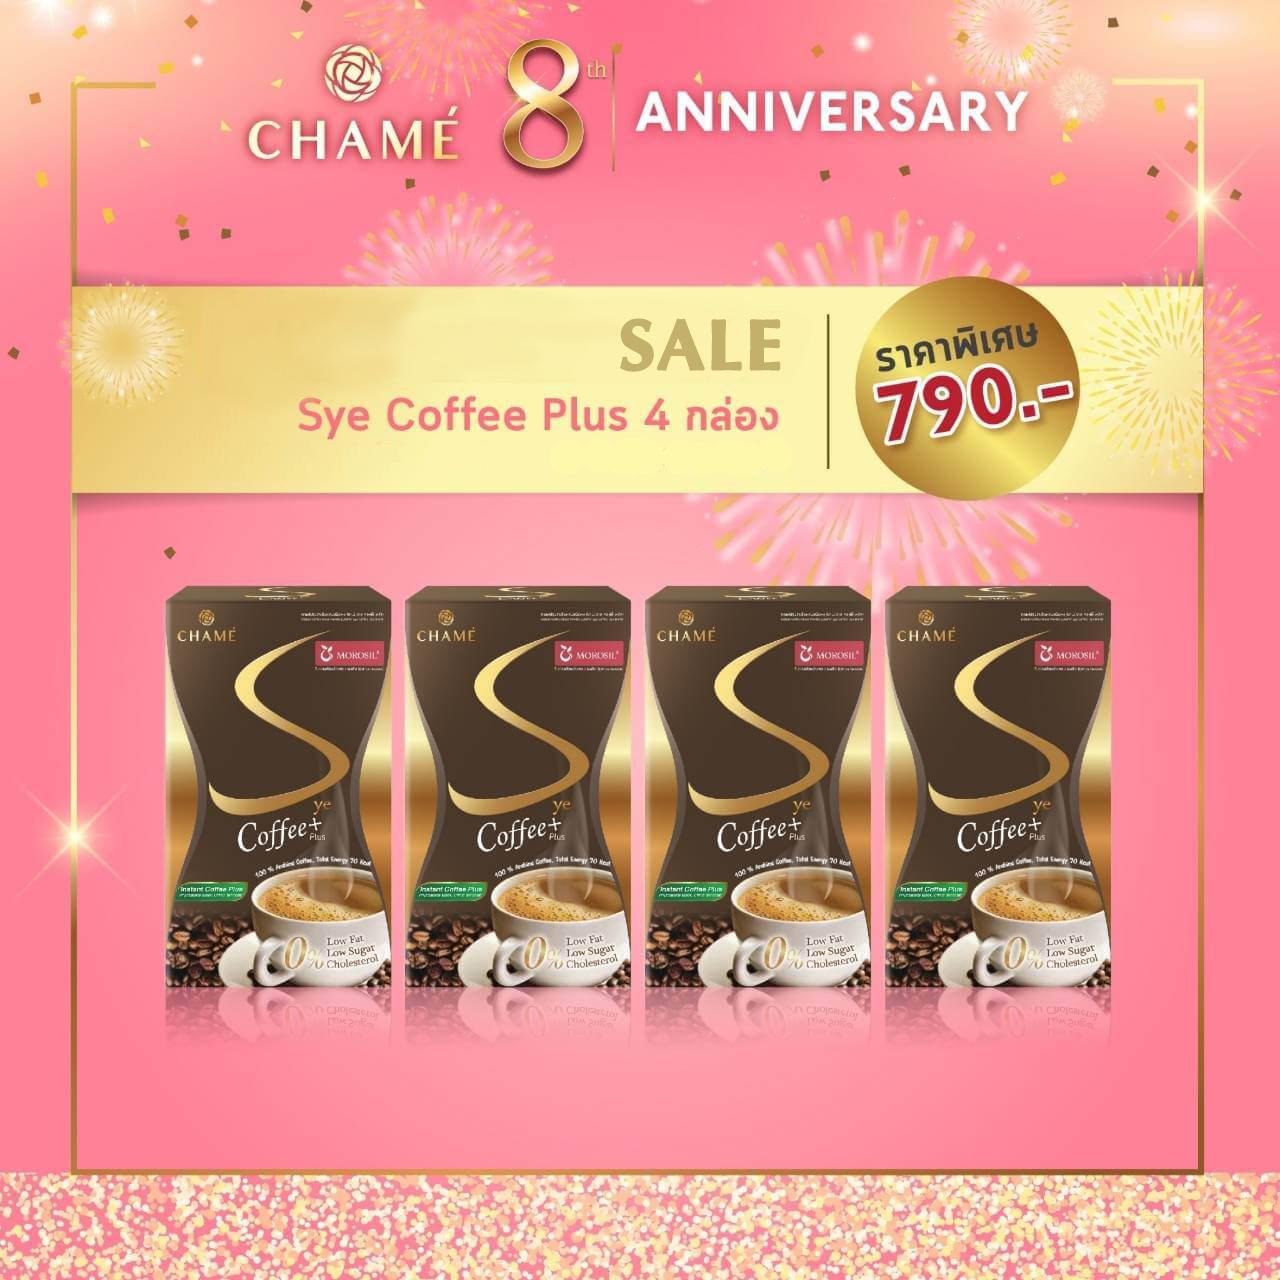 Sye Coffee Plus ซาย คอฟฟี่ พลัส 4 กล่อง